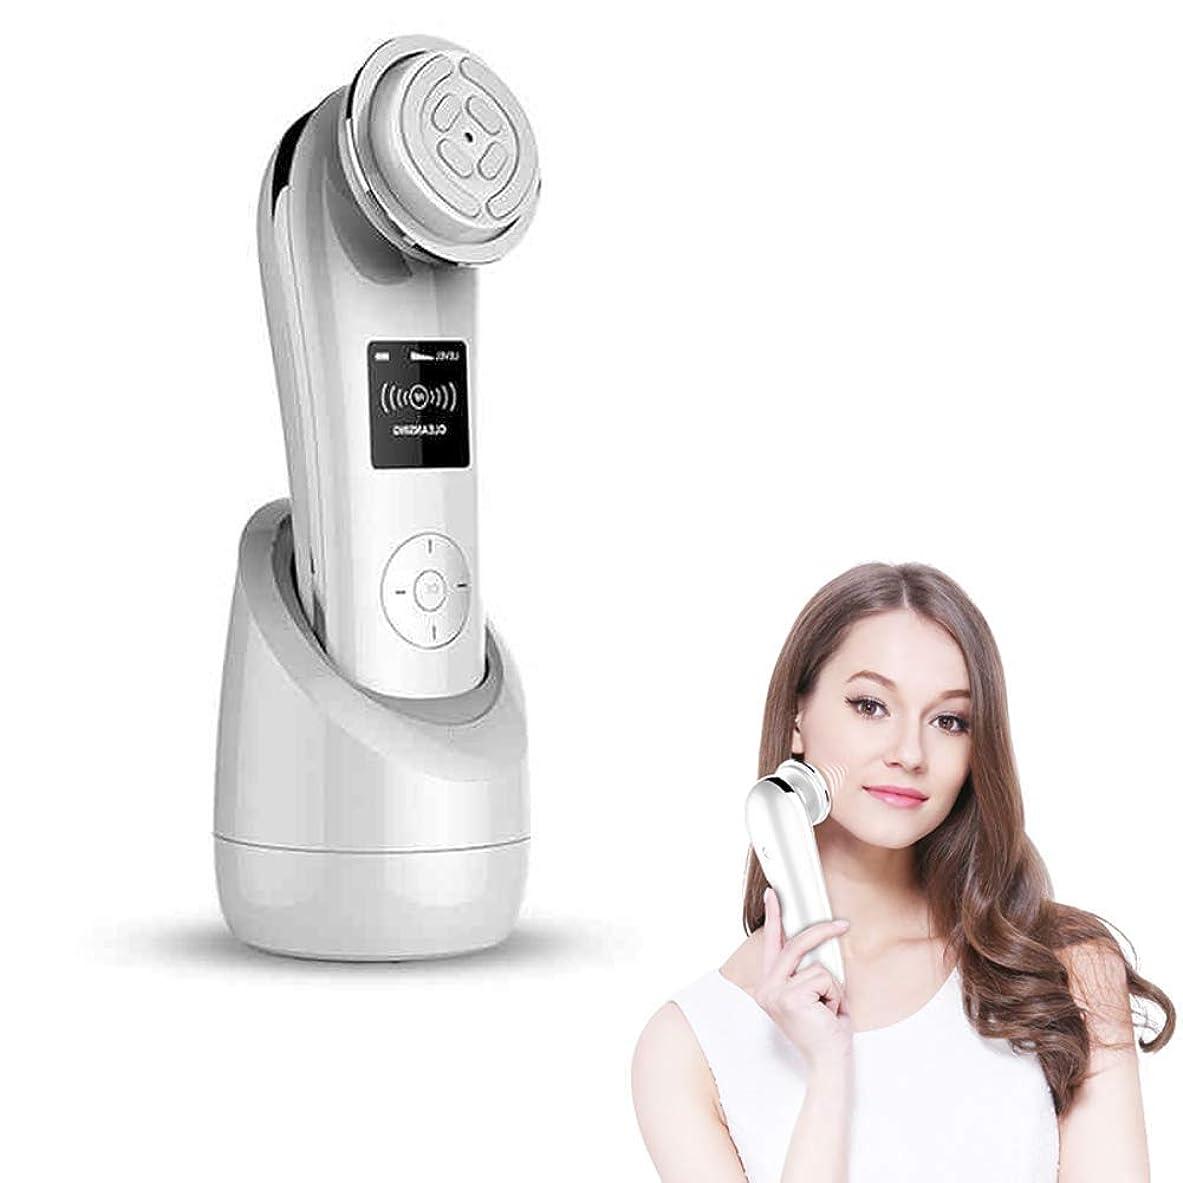 粘着性遮るガイドライン美容機EMS LED光子顔リフティング引き締めマッサージ顔RF肌の若返り反年齢ディープクリーニングデバイス